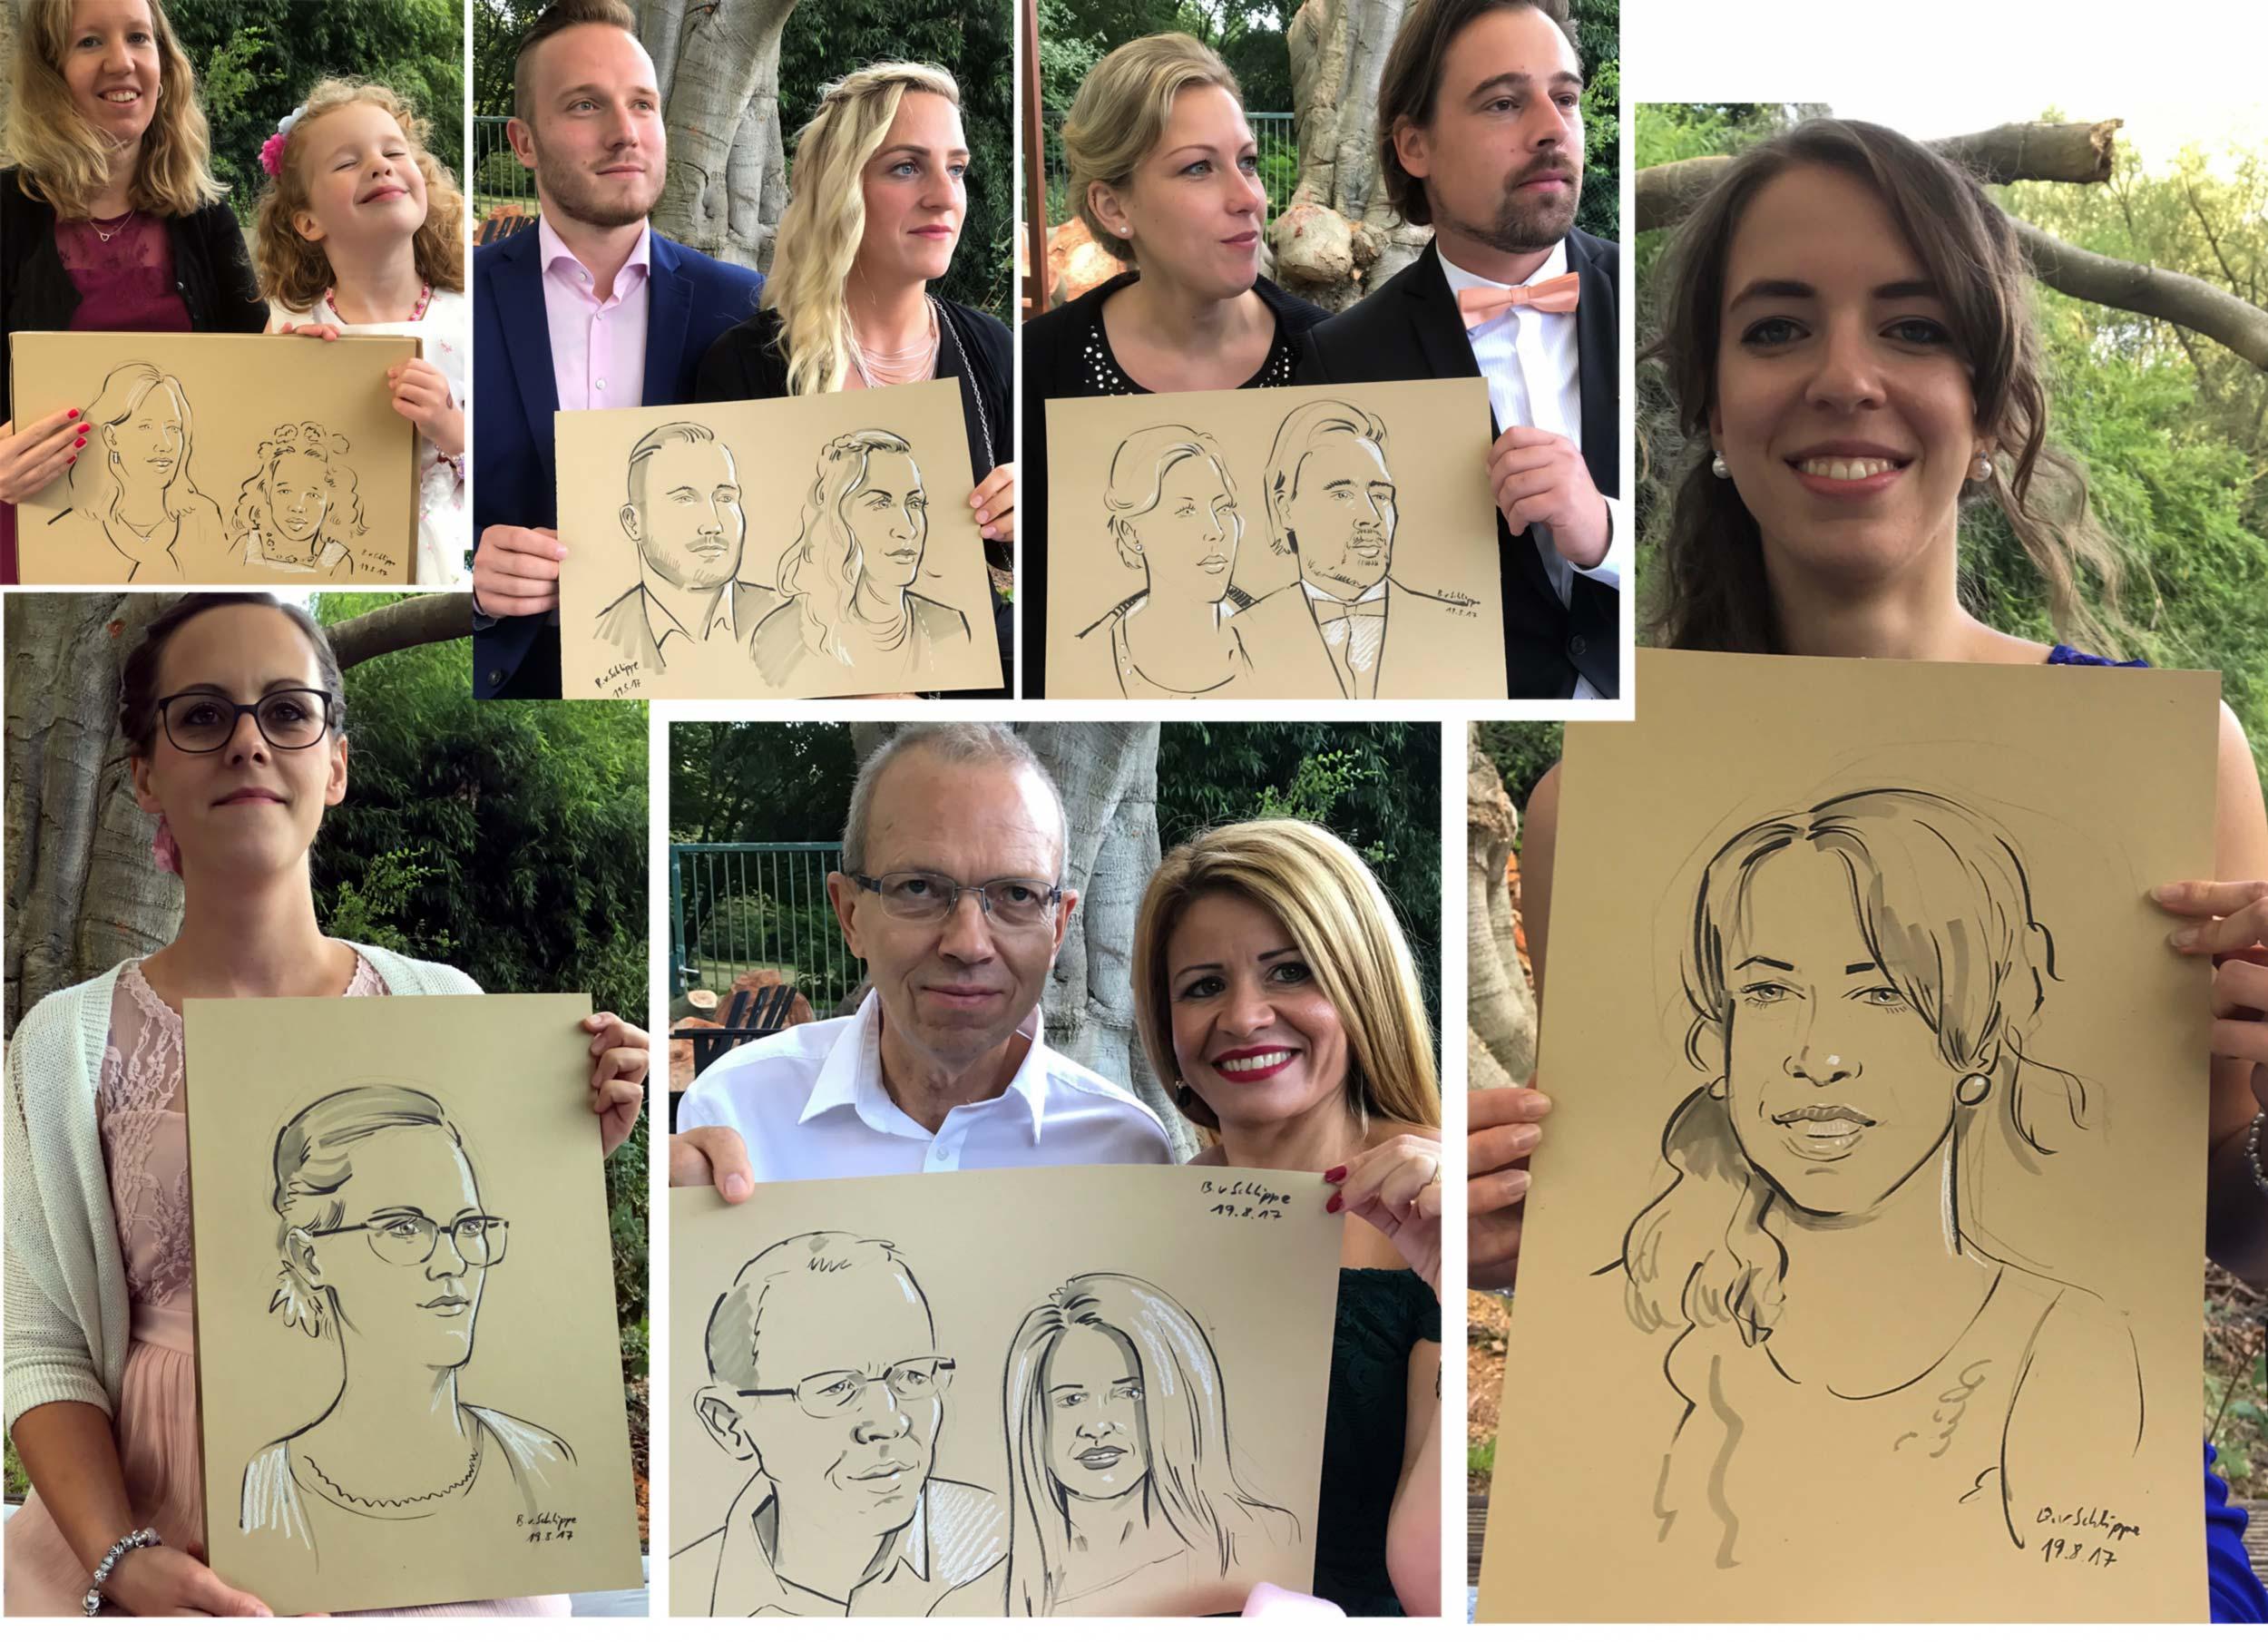 Privat- und Geschäftsfeiern   Auf einer Hochzeitsfeier lassen sich die Gäste zeichnen. Leider sind 120 Personen an einem Abend doch zu viel und so muss ich etliche Gäste vertrösten. Ich fotografiere sie und zeichne sie später, allerdings in einem anderem Stil.